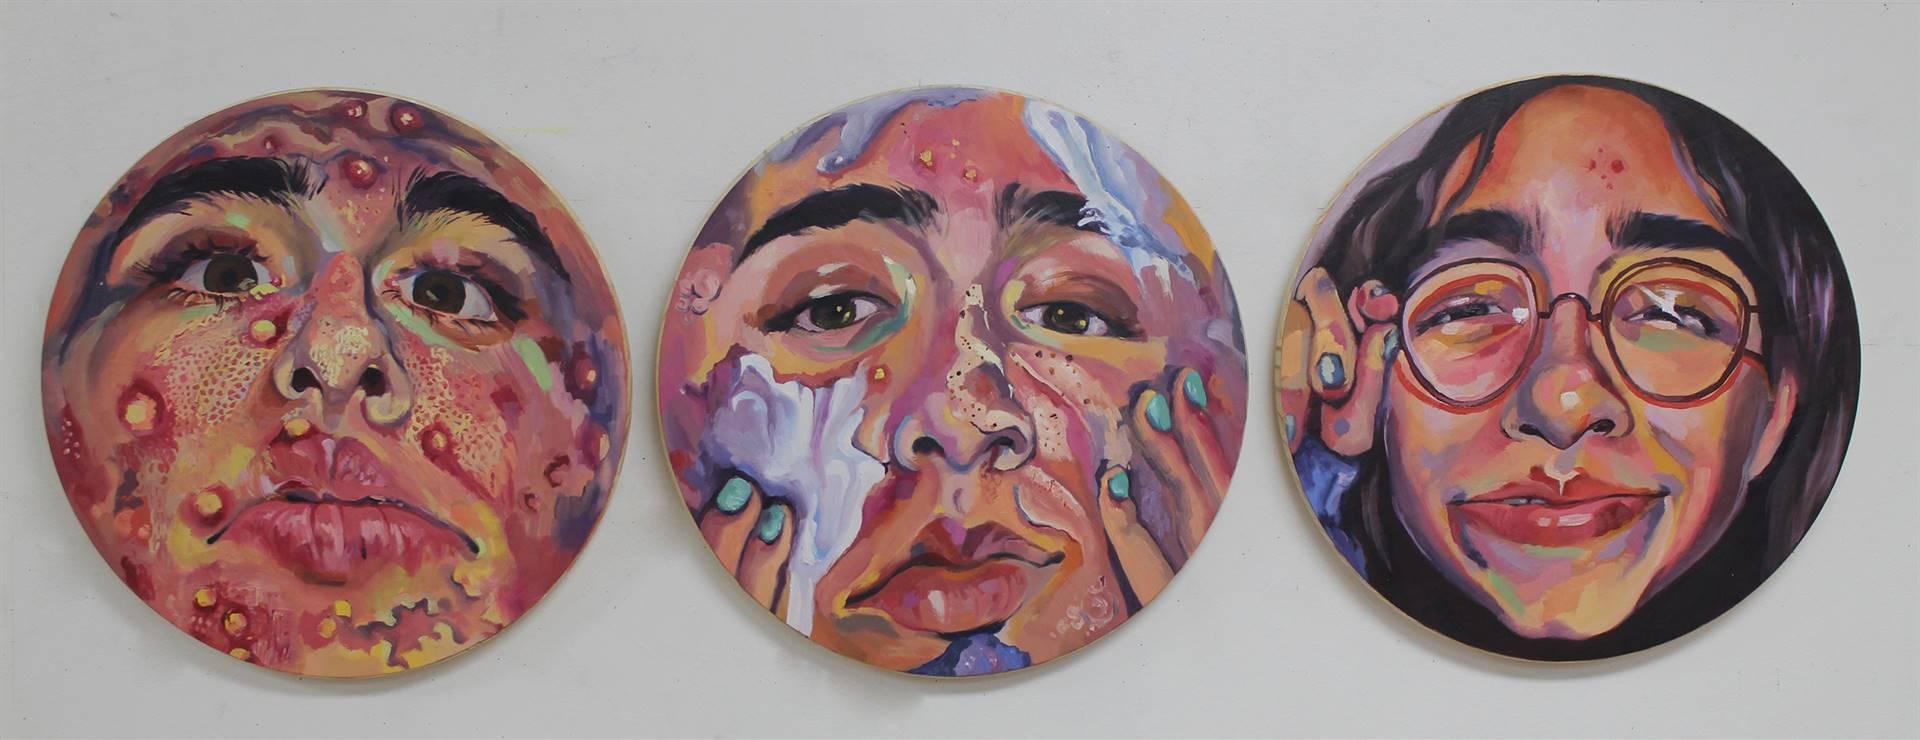 In the Mirror, Maria Maldonado